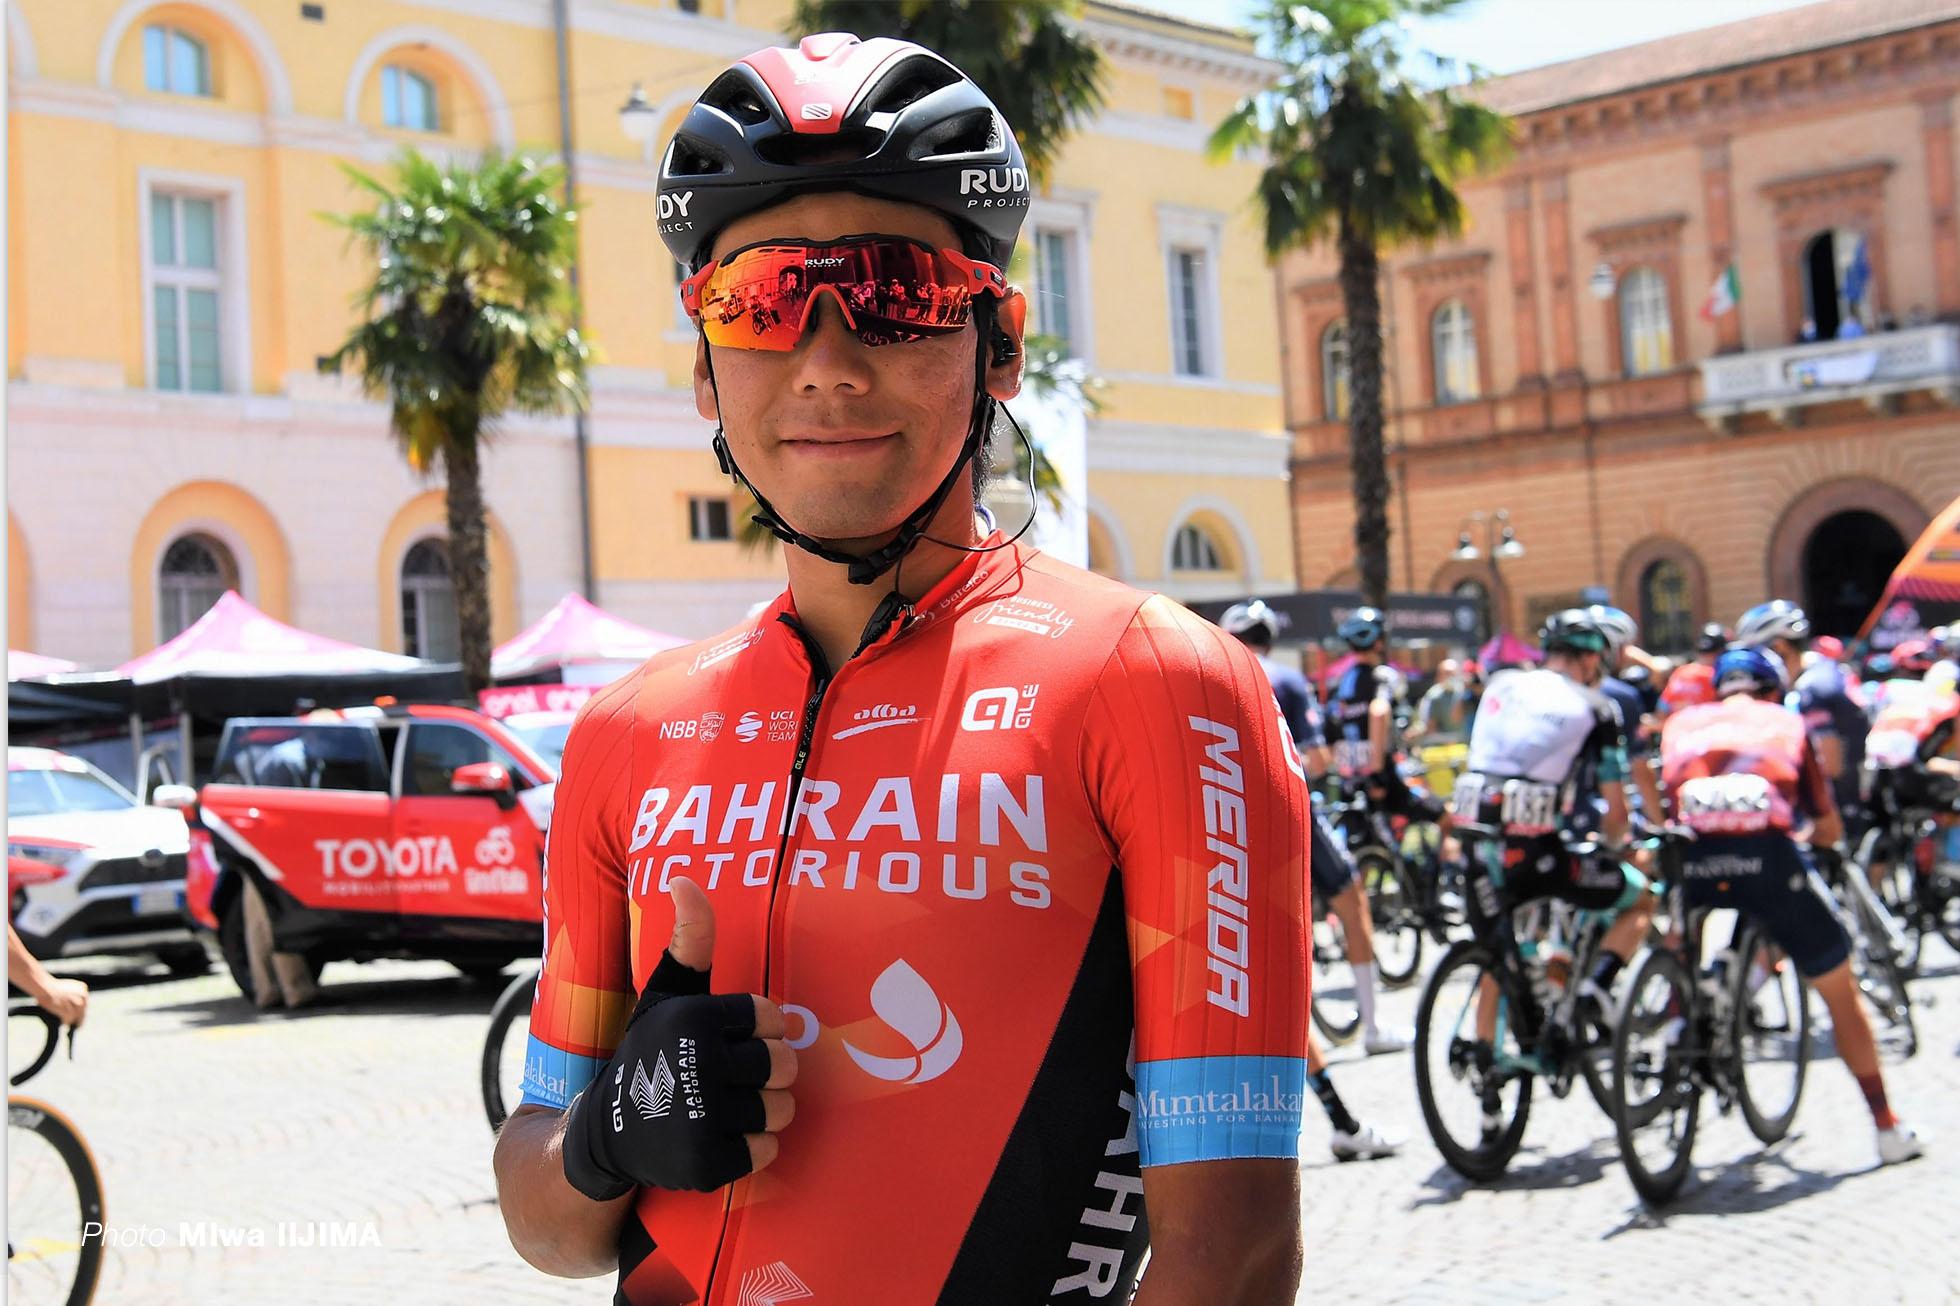 104回 ジロ・デ・イタリア 新城幸也 ユキヤ通信 Stage 13